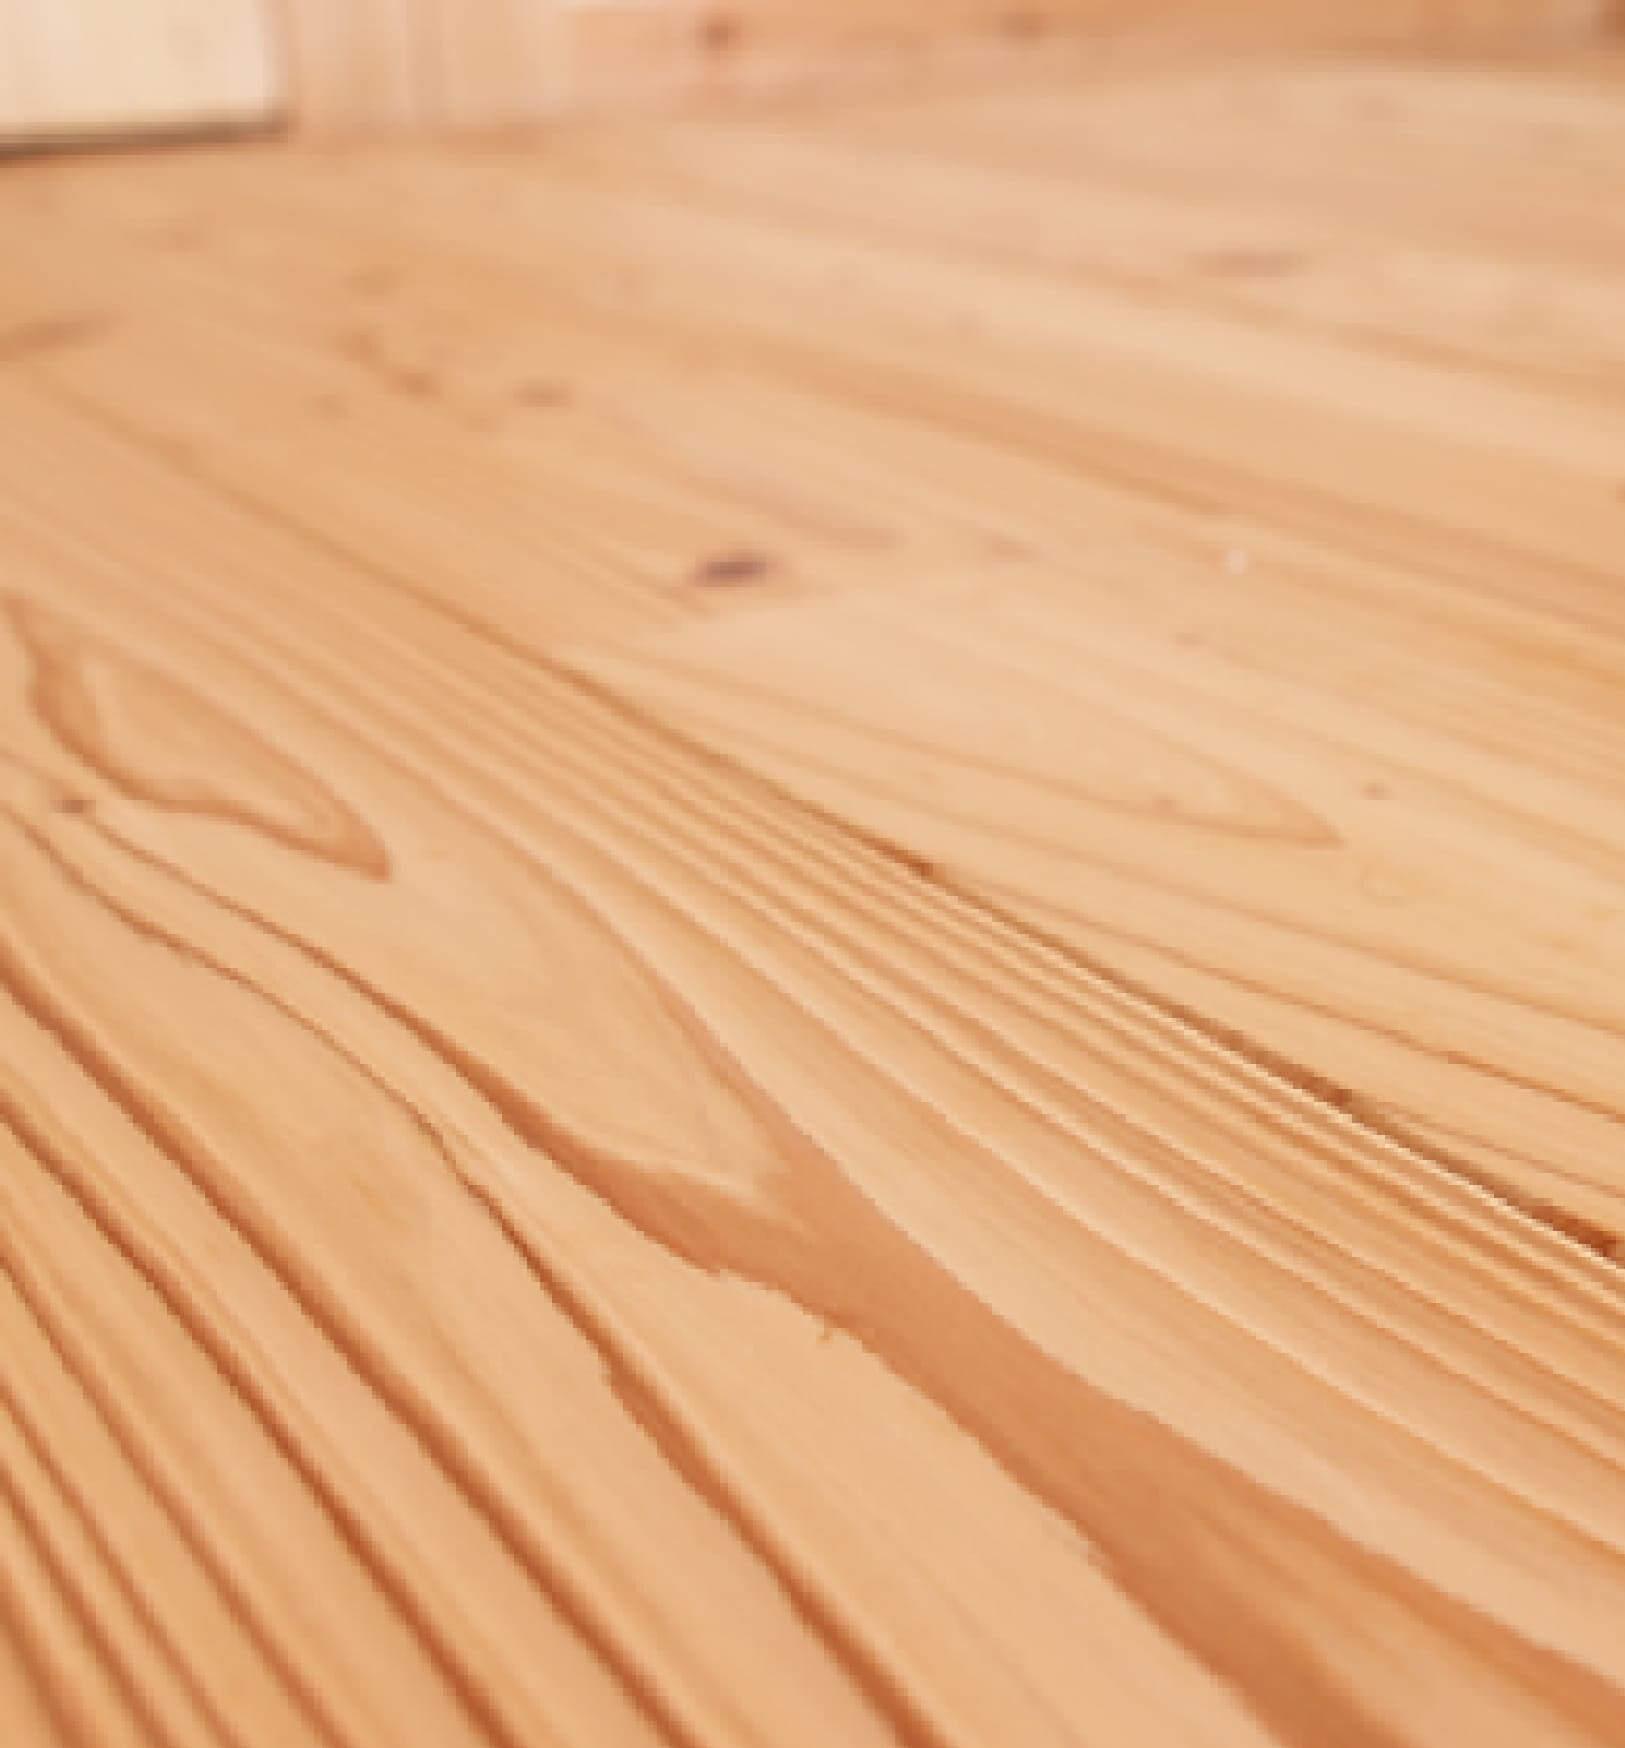 『 音響熟成木材でつくる うづくりの床 』